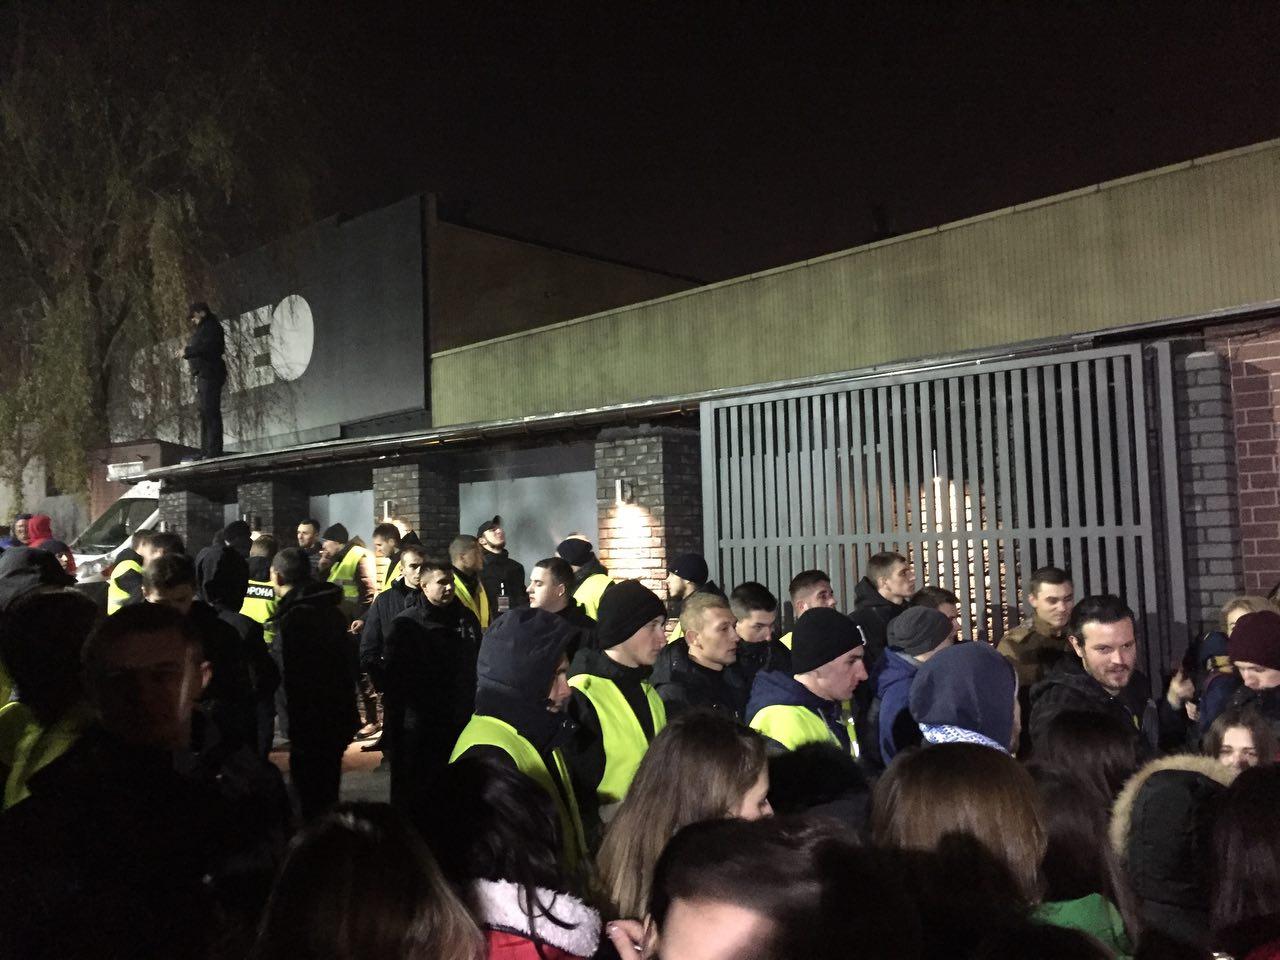 ВКиеве вдень выступления Hurts заминировали клуб Stereo Plaza